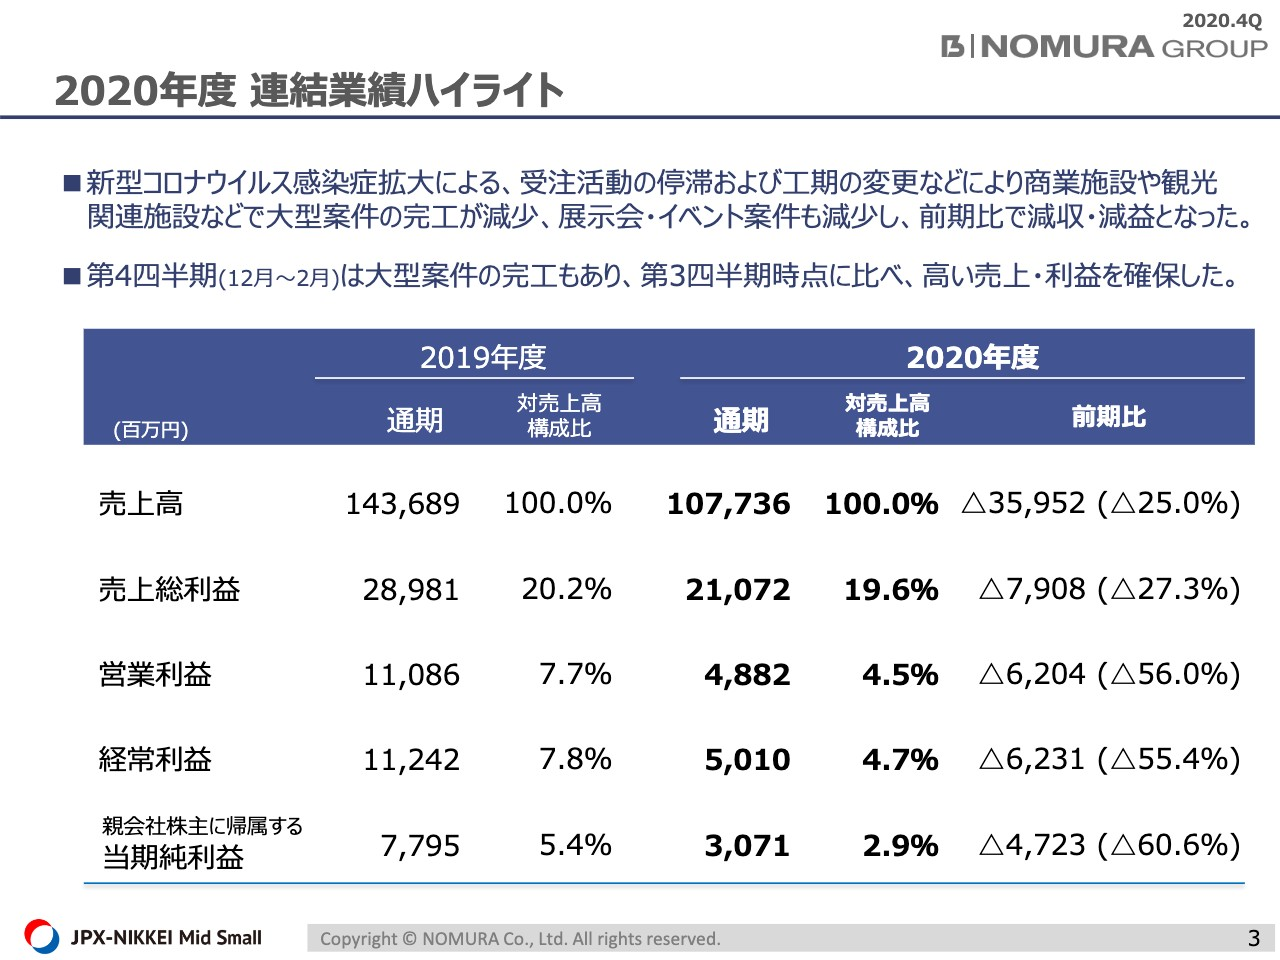 乃村工藝社、コロナにより商業施設や観光関連施設等の大型案件の完工が減少 通期は減収減益